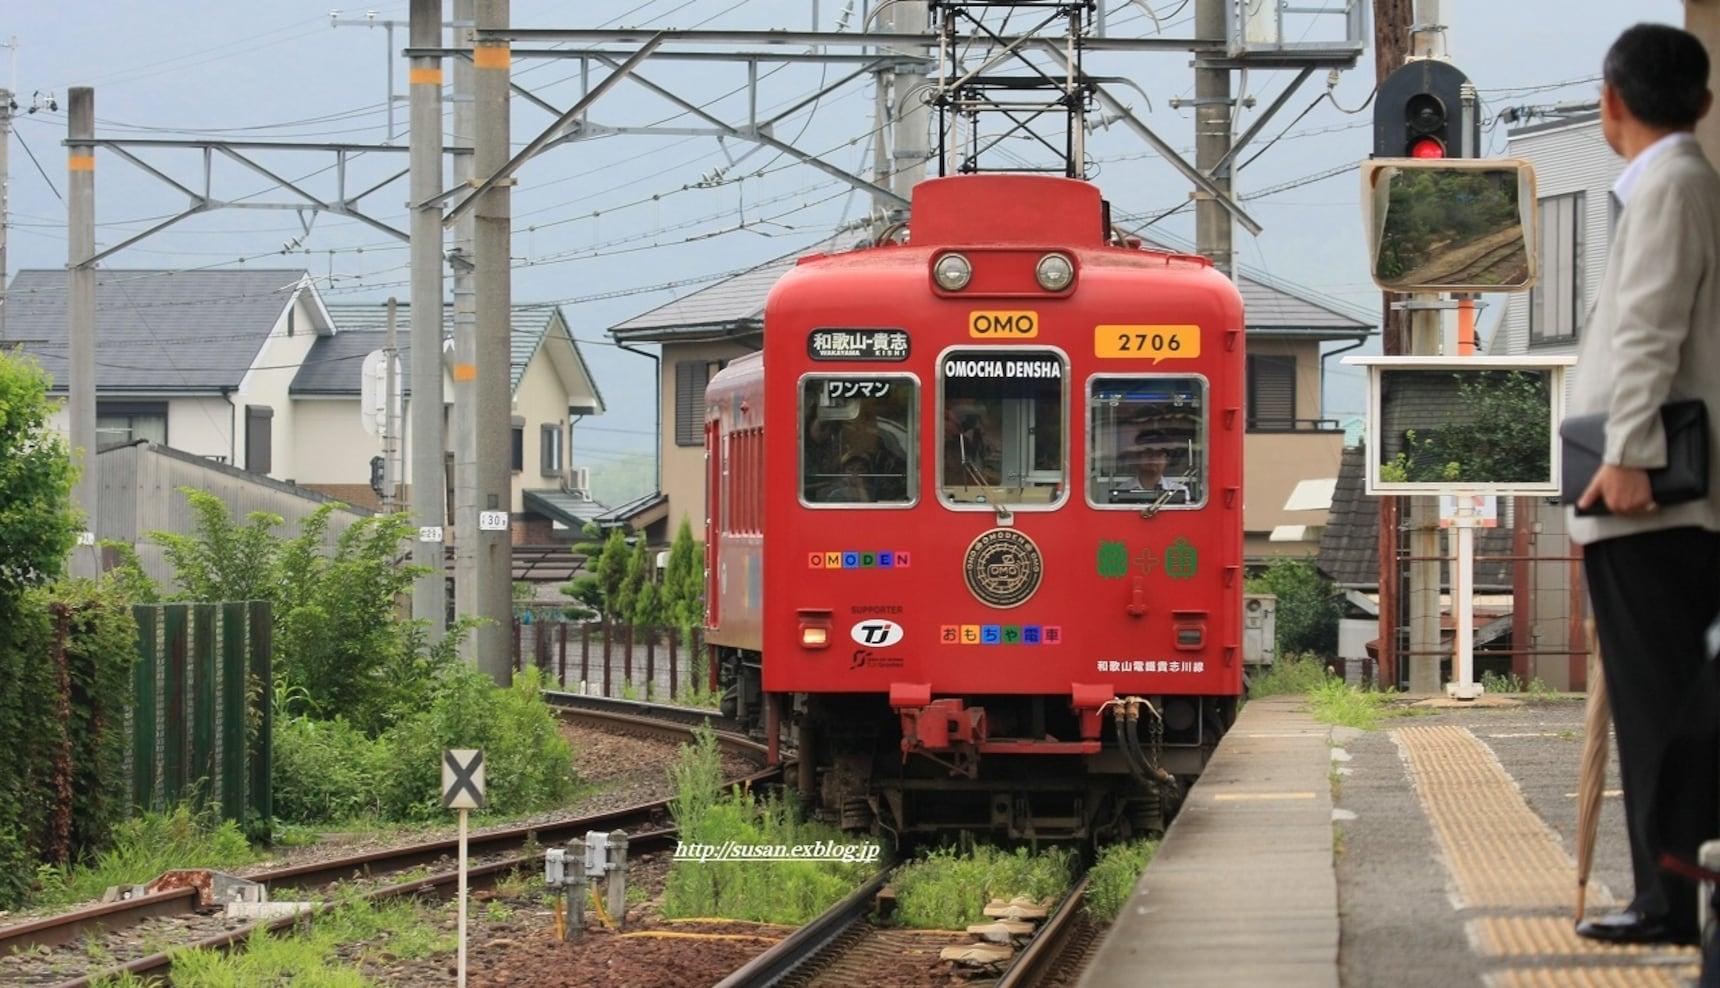 貴志川線大改造之一:草莓電車和玩具電車